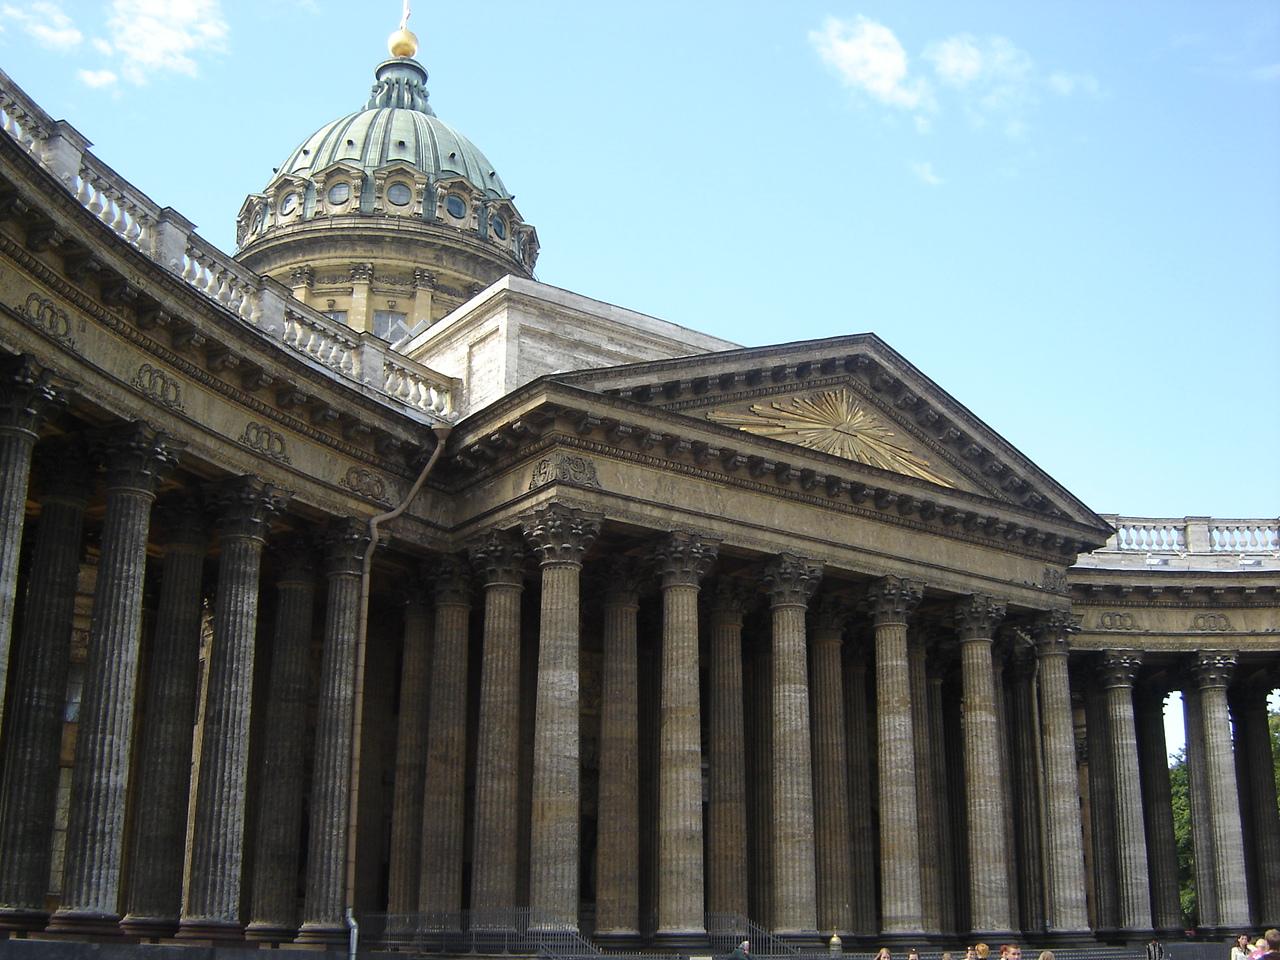 Величественные колонны Казанского собора в Петербурге